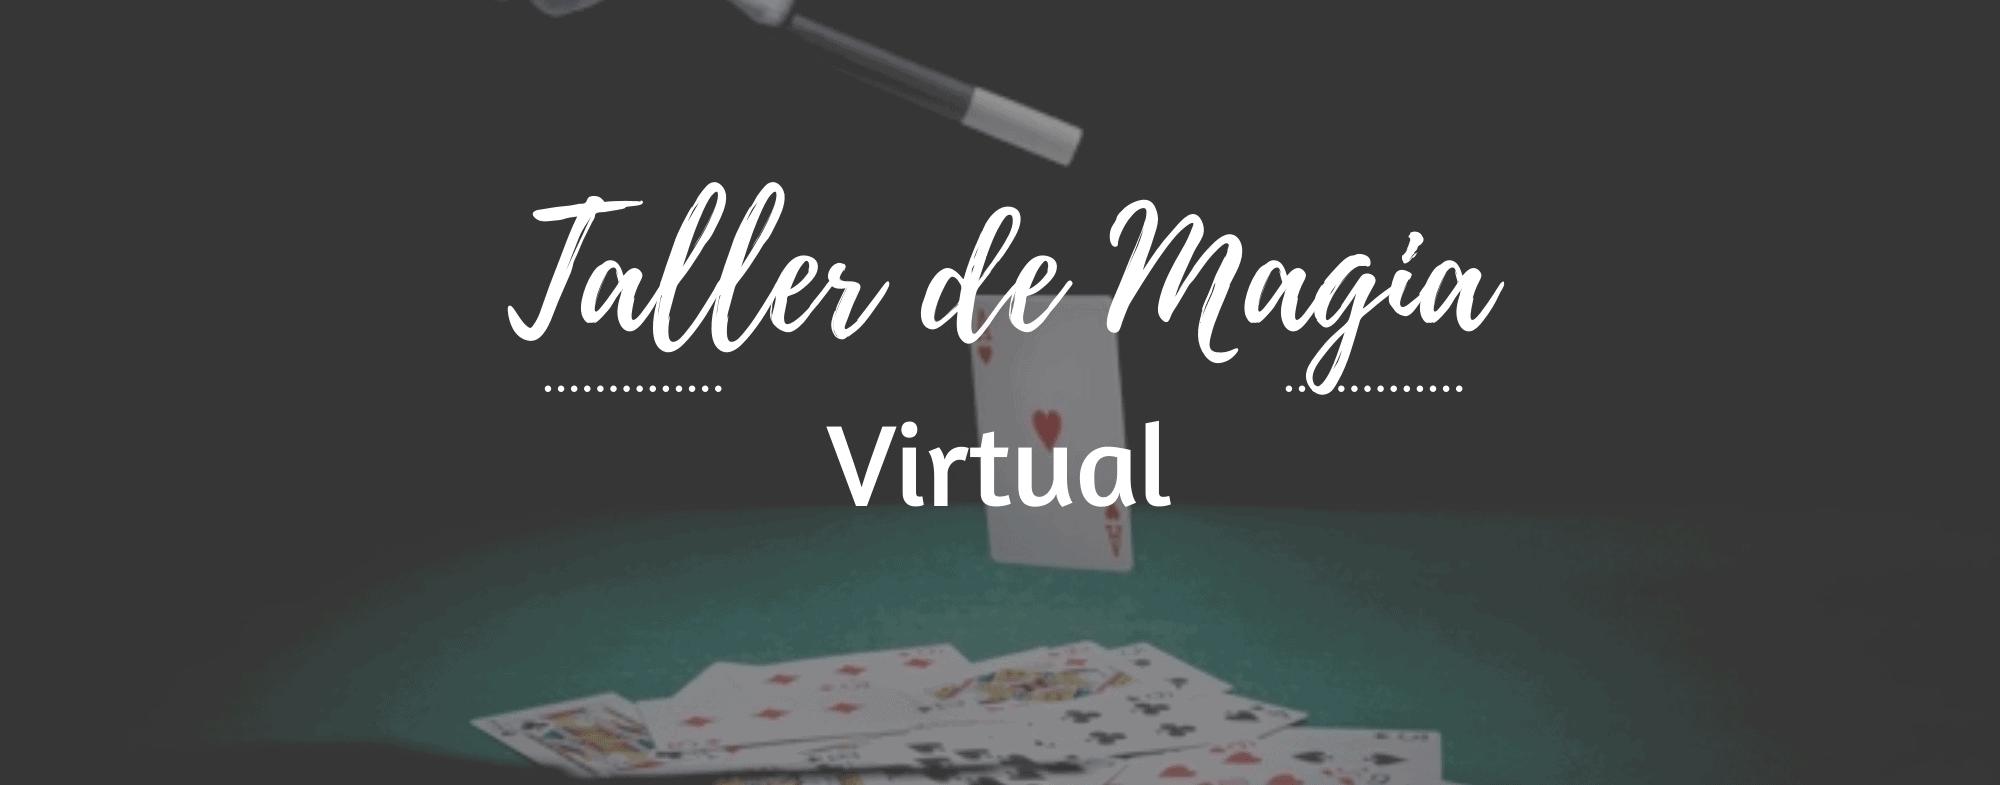 Taller-de-magia-virtual